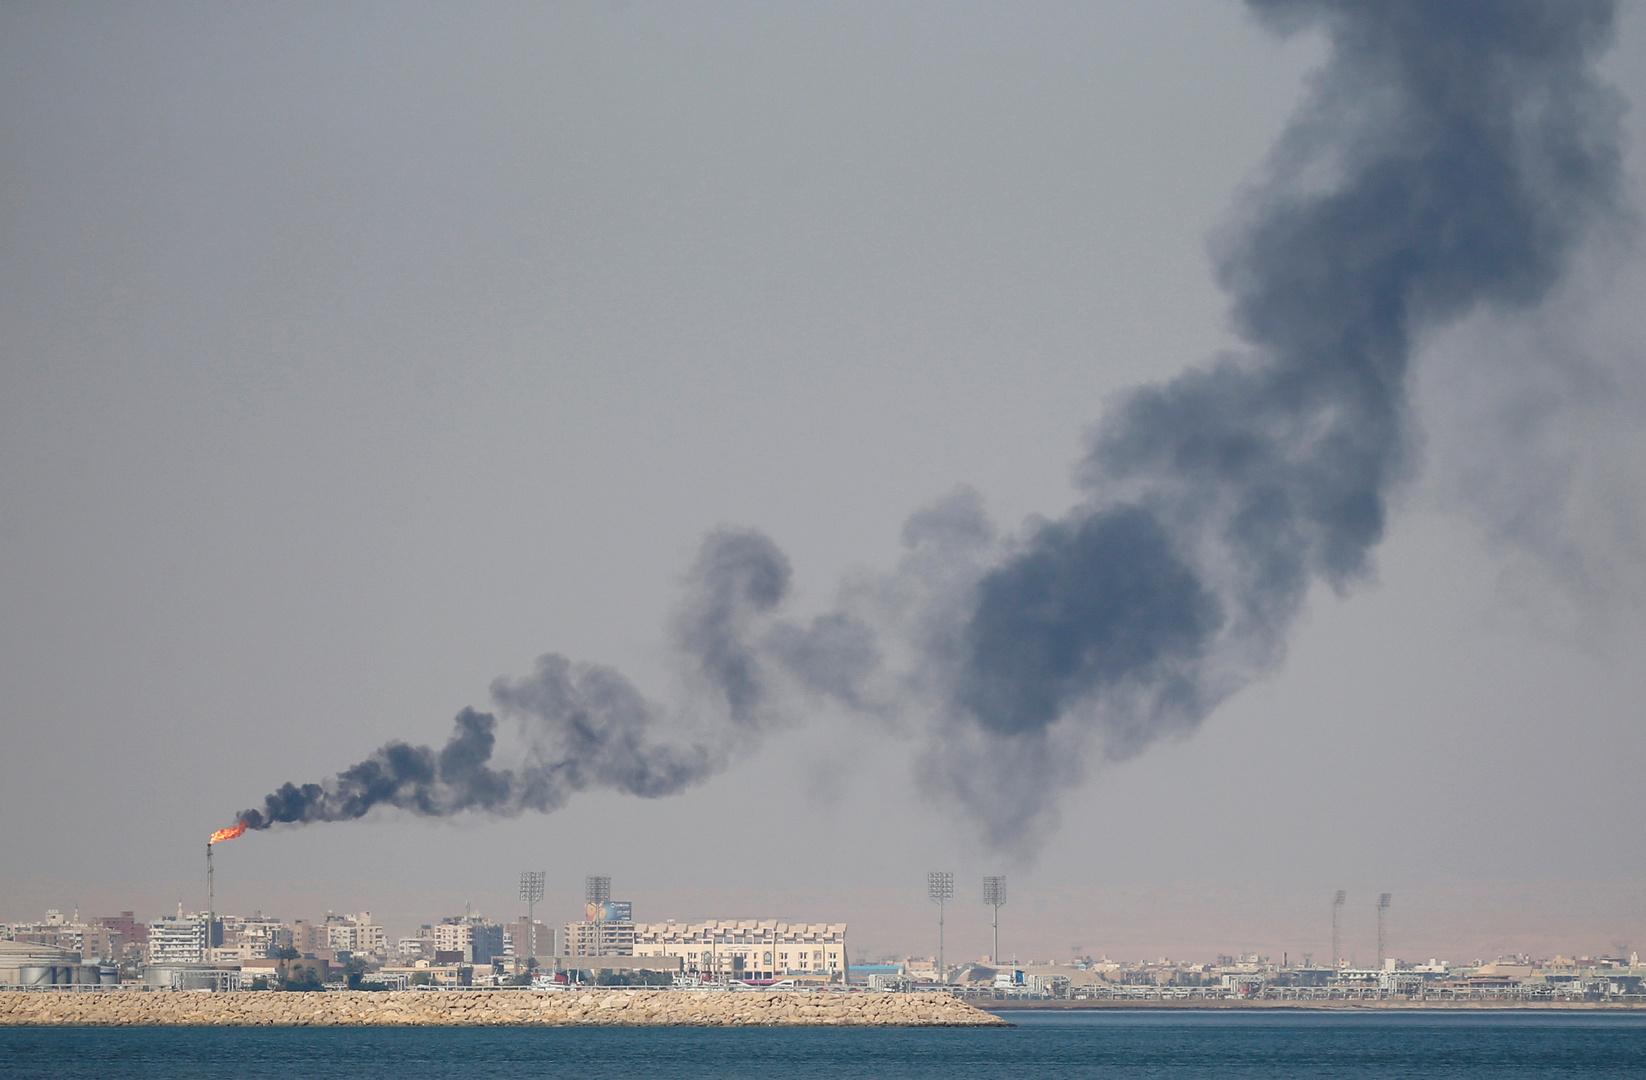 رئيس شركة غاز الشرق المصرية: حديث تركيا عن إعادة تقسيم الحدود البحرية سيعود بالنفع على مصر